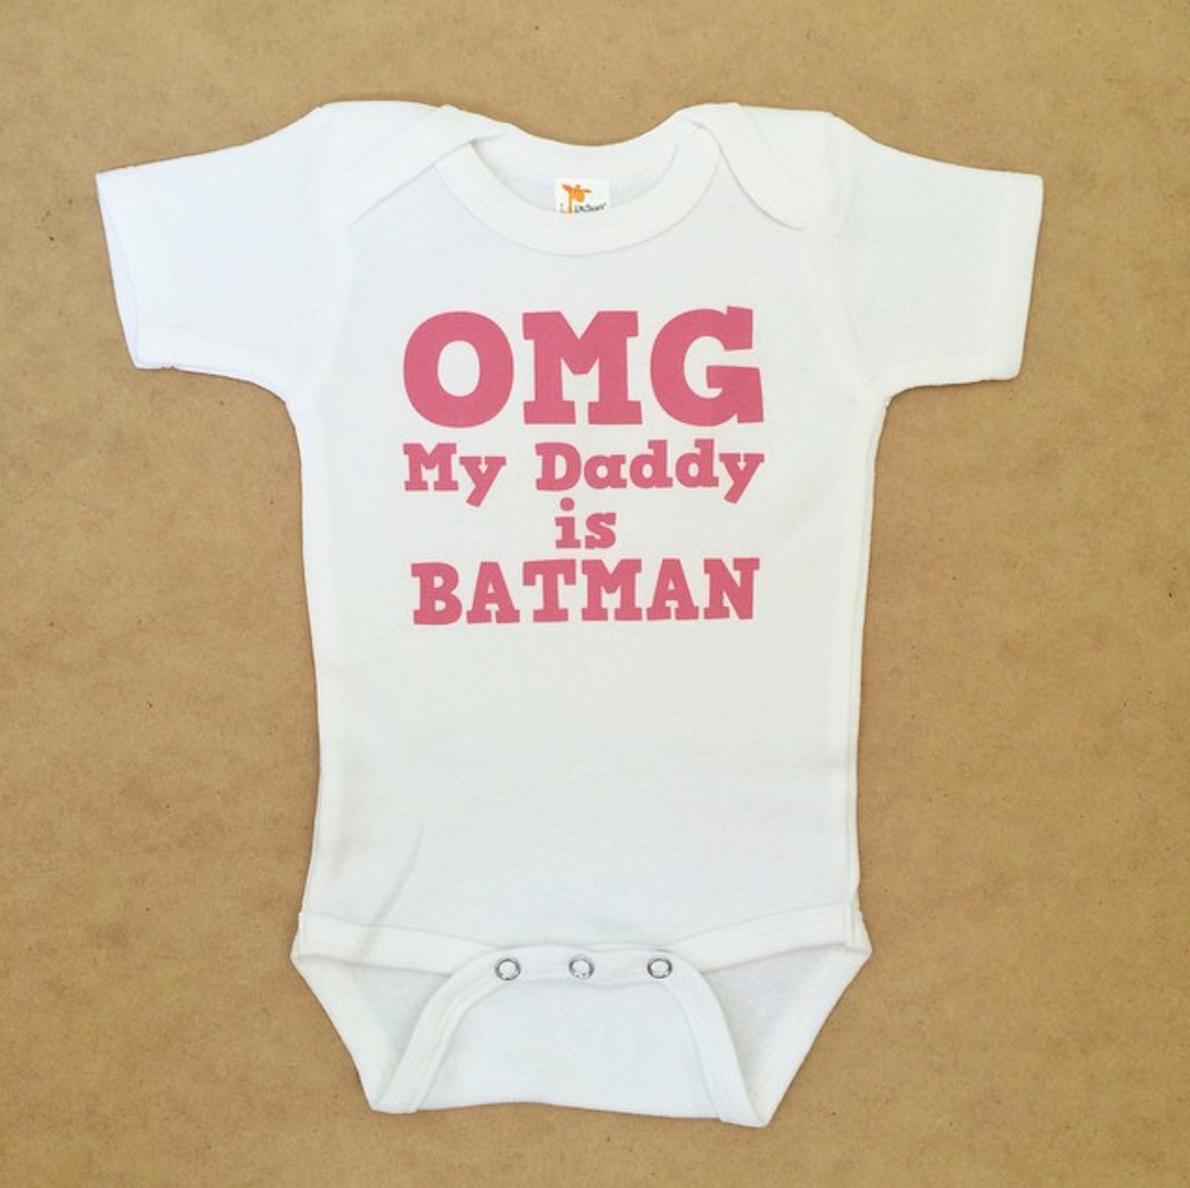 Baby onesie design request - OMG My Daddy is Batman